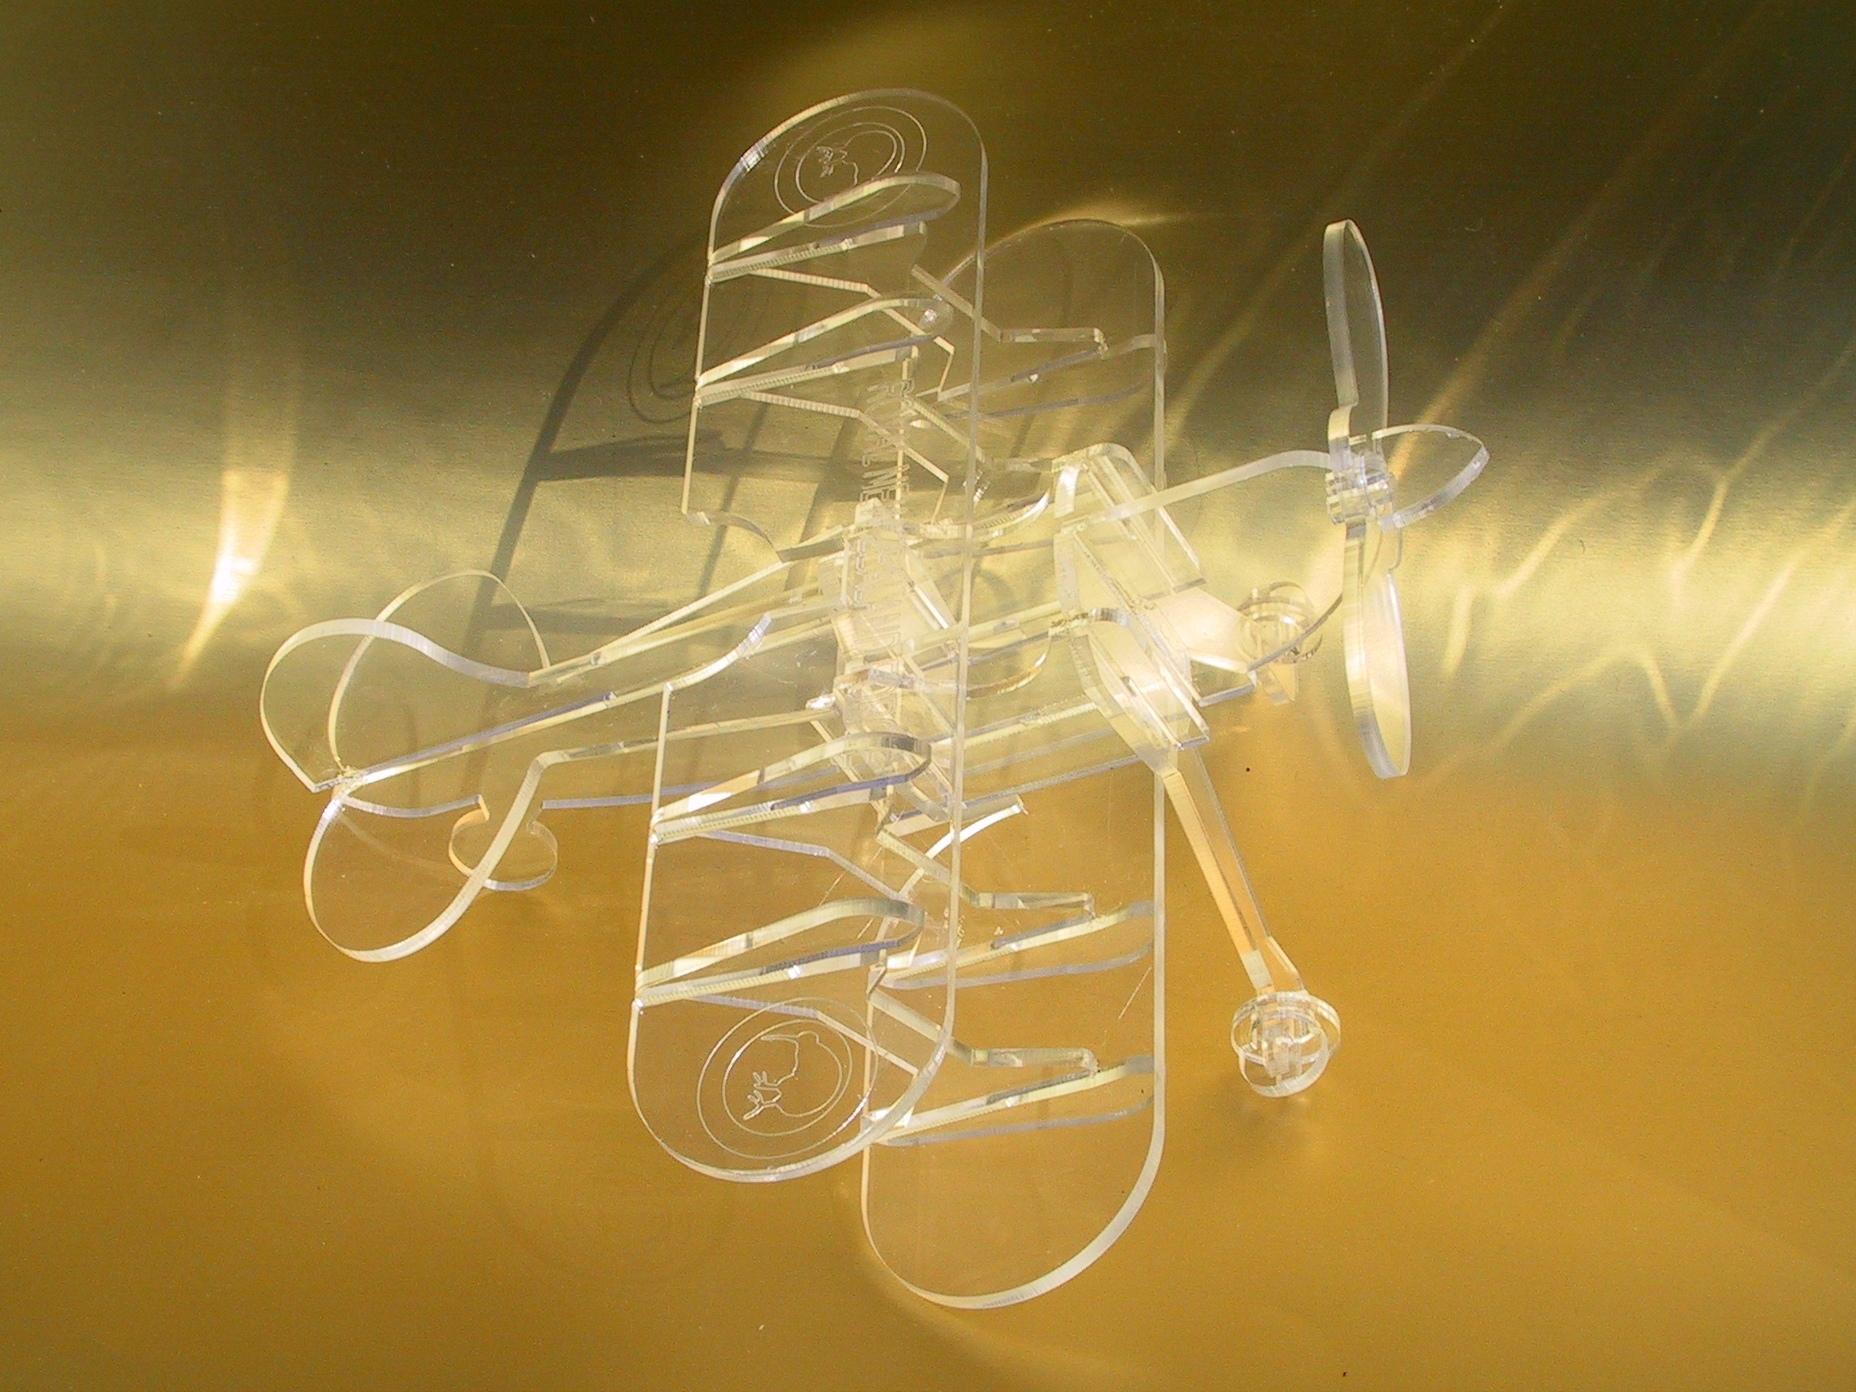 Laser Cutting Biplane PDF File